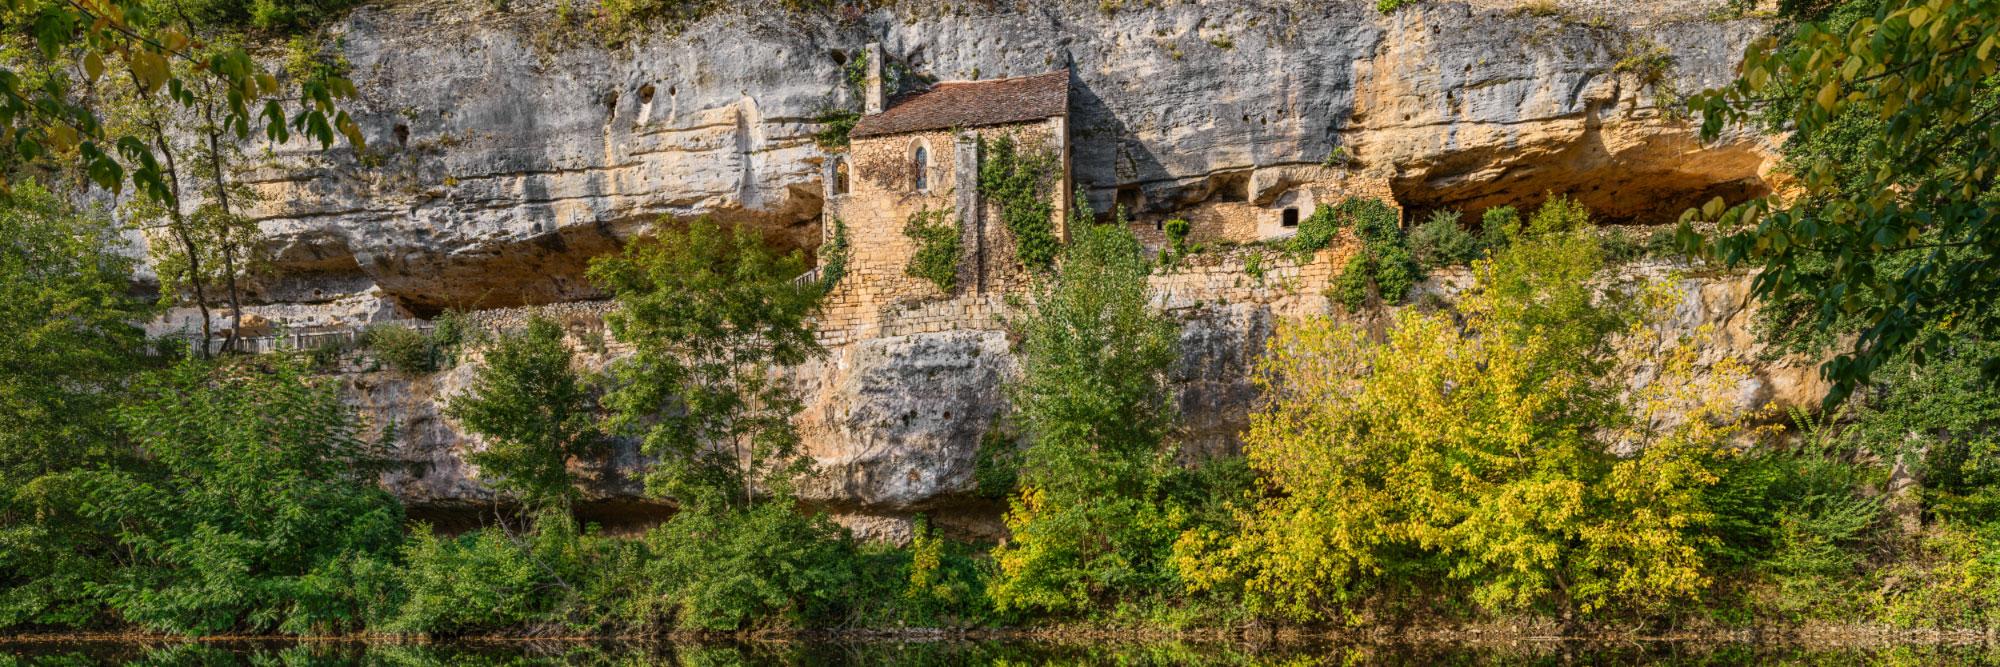 Village troglodytique de la Madeleine au dessus de la Vézère, Tursac